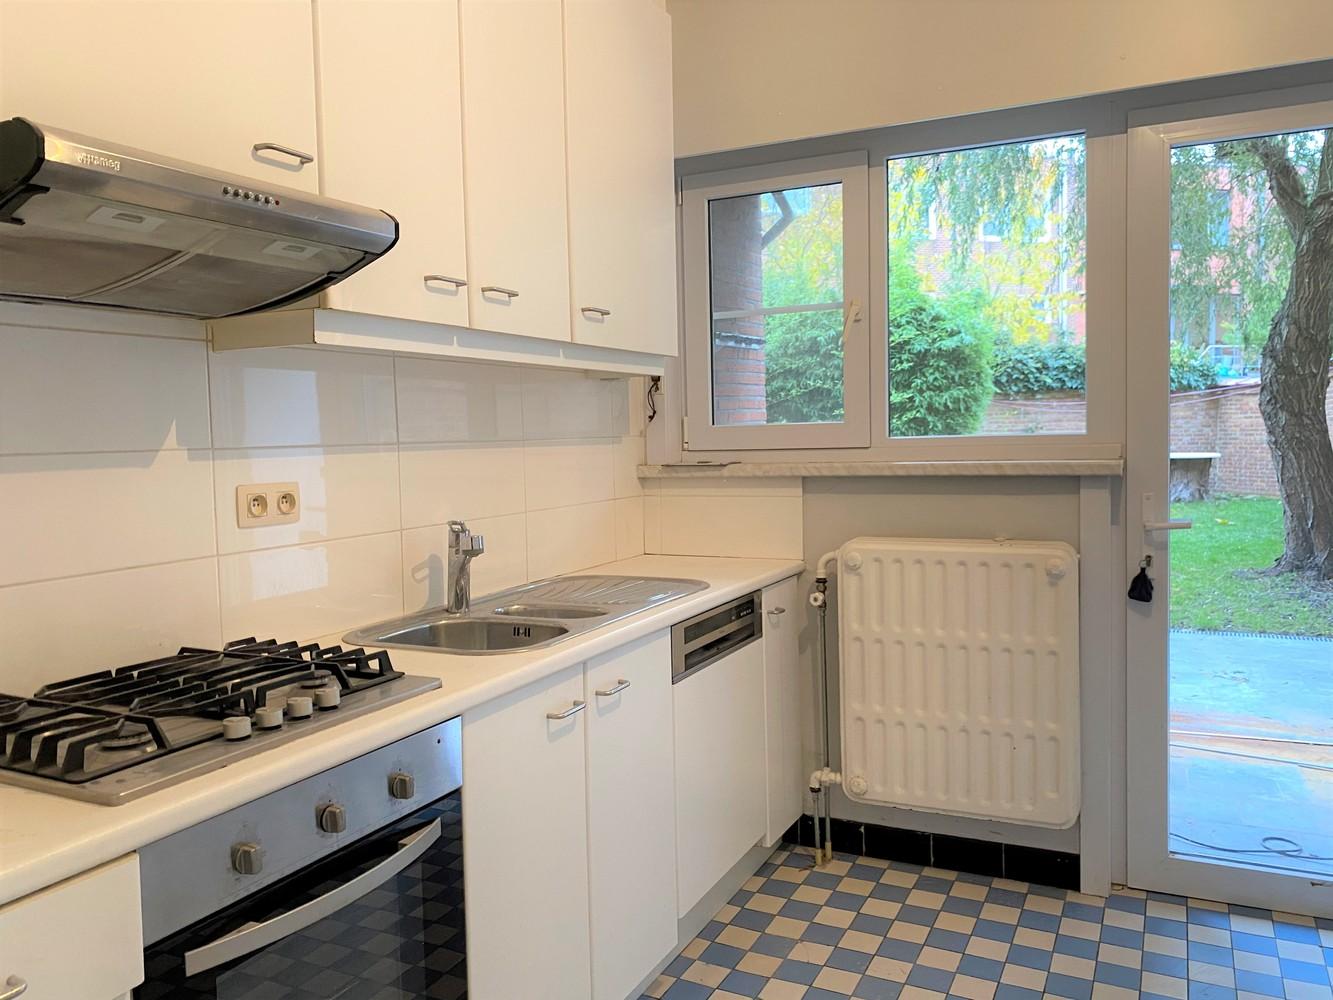 Gerenoveerd, gelijkvloers appartement met 2 slaapkamers en ruime tuin (94m²) in Antwerpen! afbeelding 5